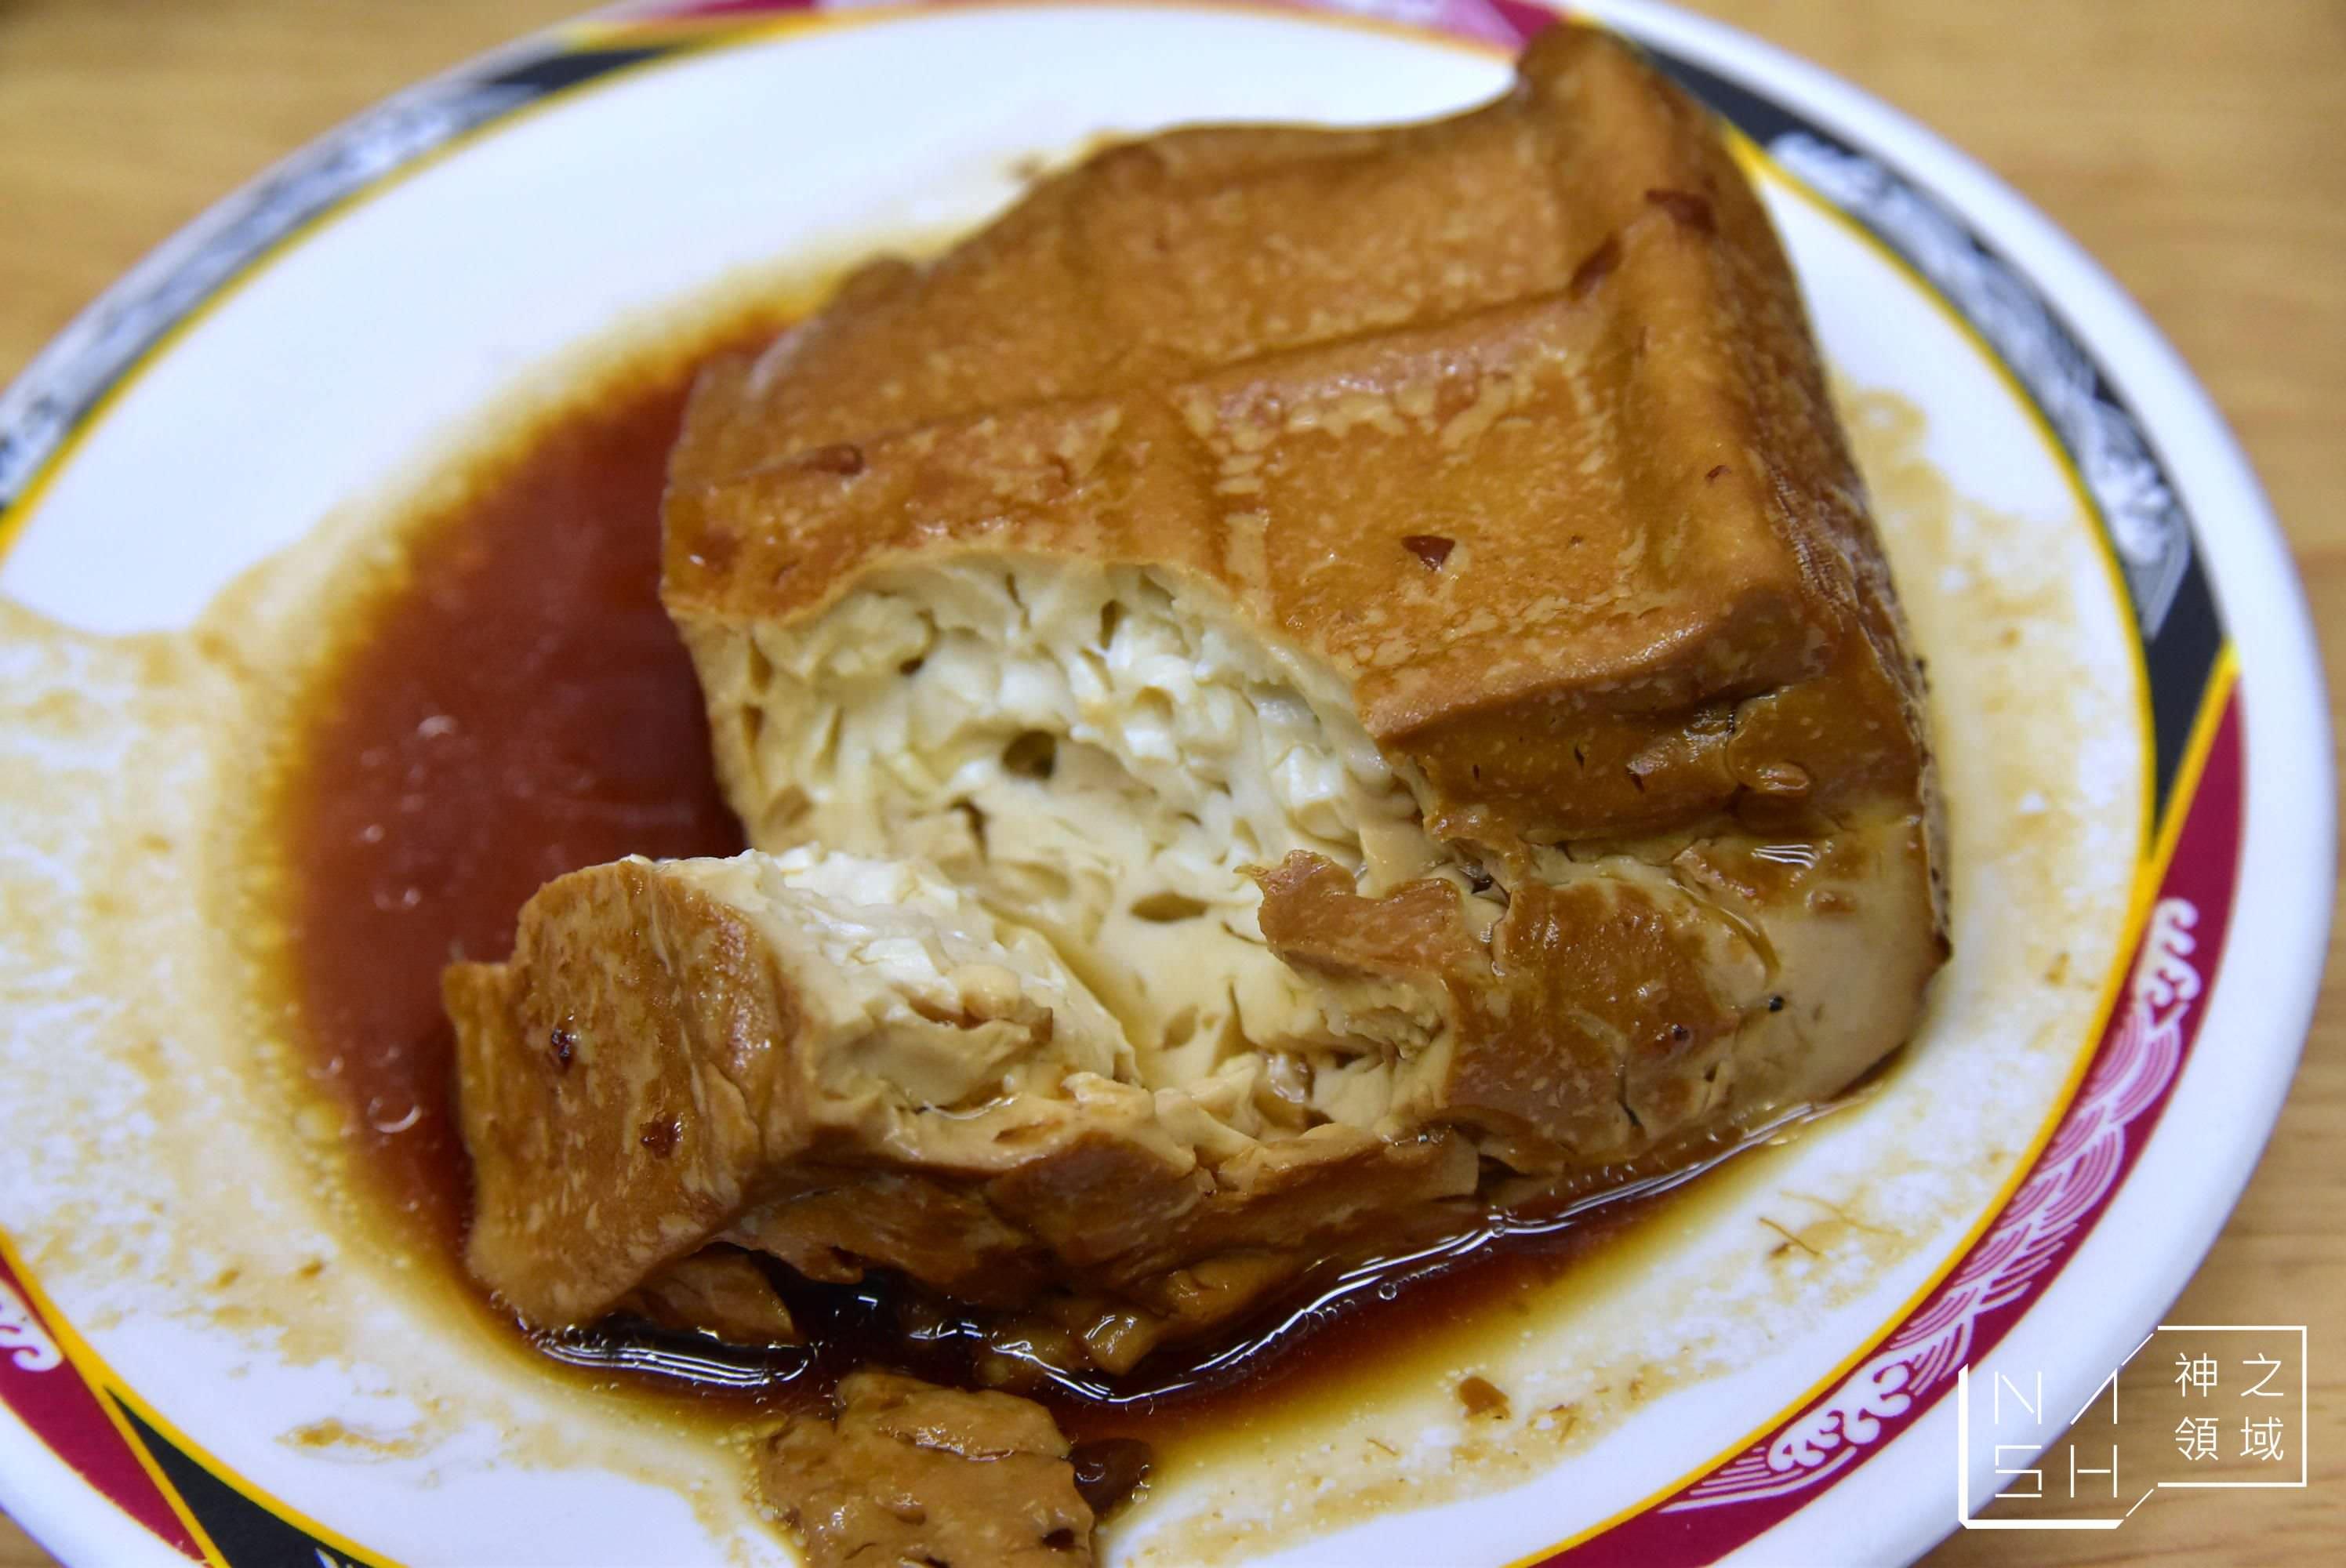 滷三塊菜單,滷三塊,台南滷三塊,石牌滷三塊,滷三塊五花肉,北投美食懶人包